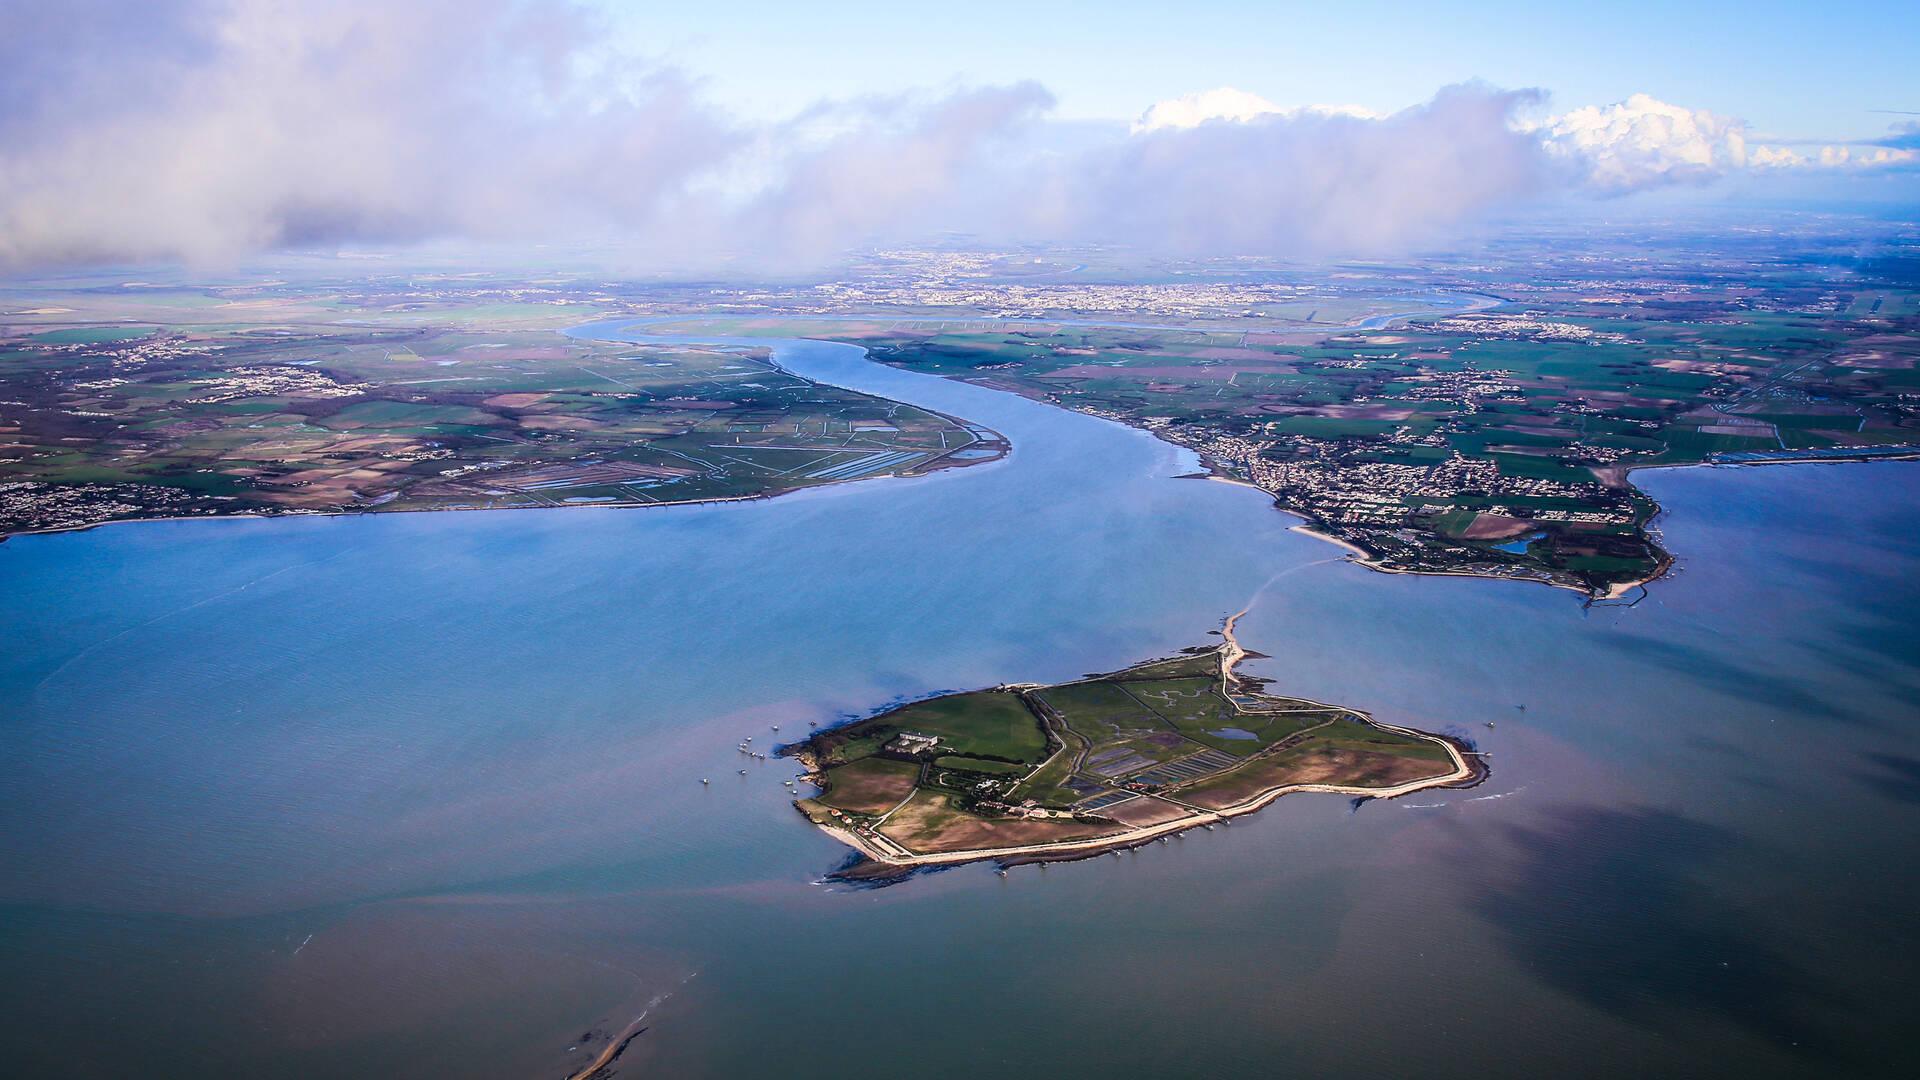 Le Fleuve Charente se jette dans l'océan entre Fouras-les-Bains et Port-des-Barques